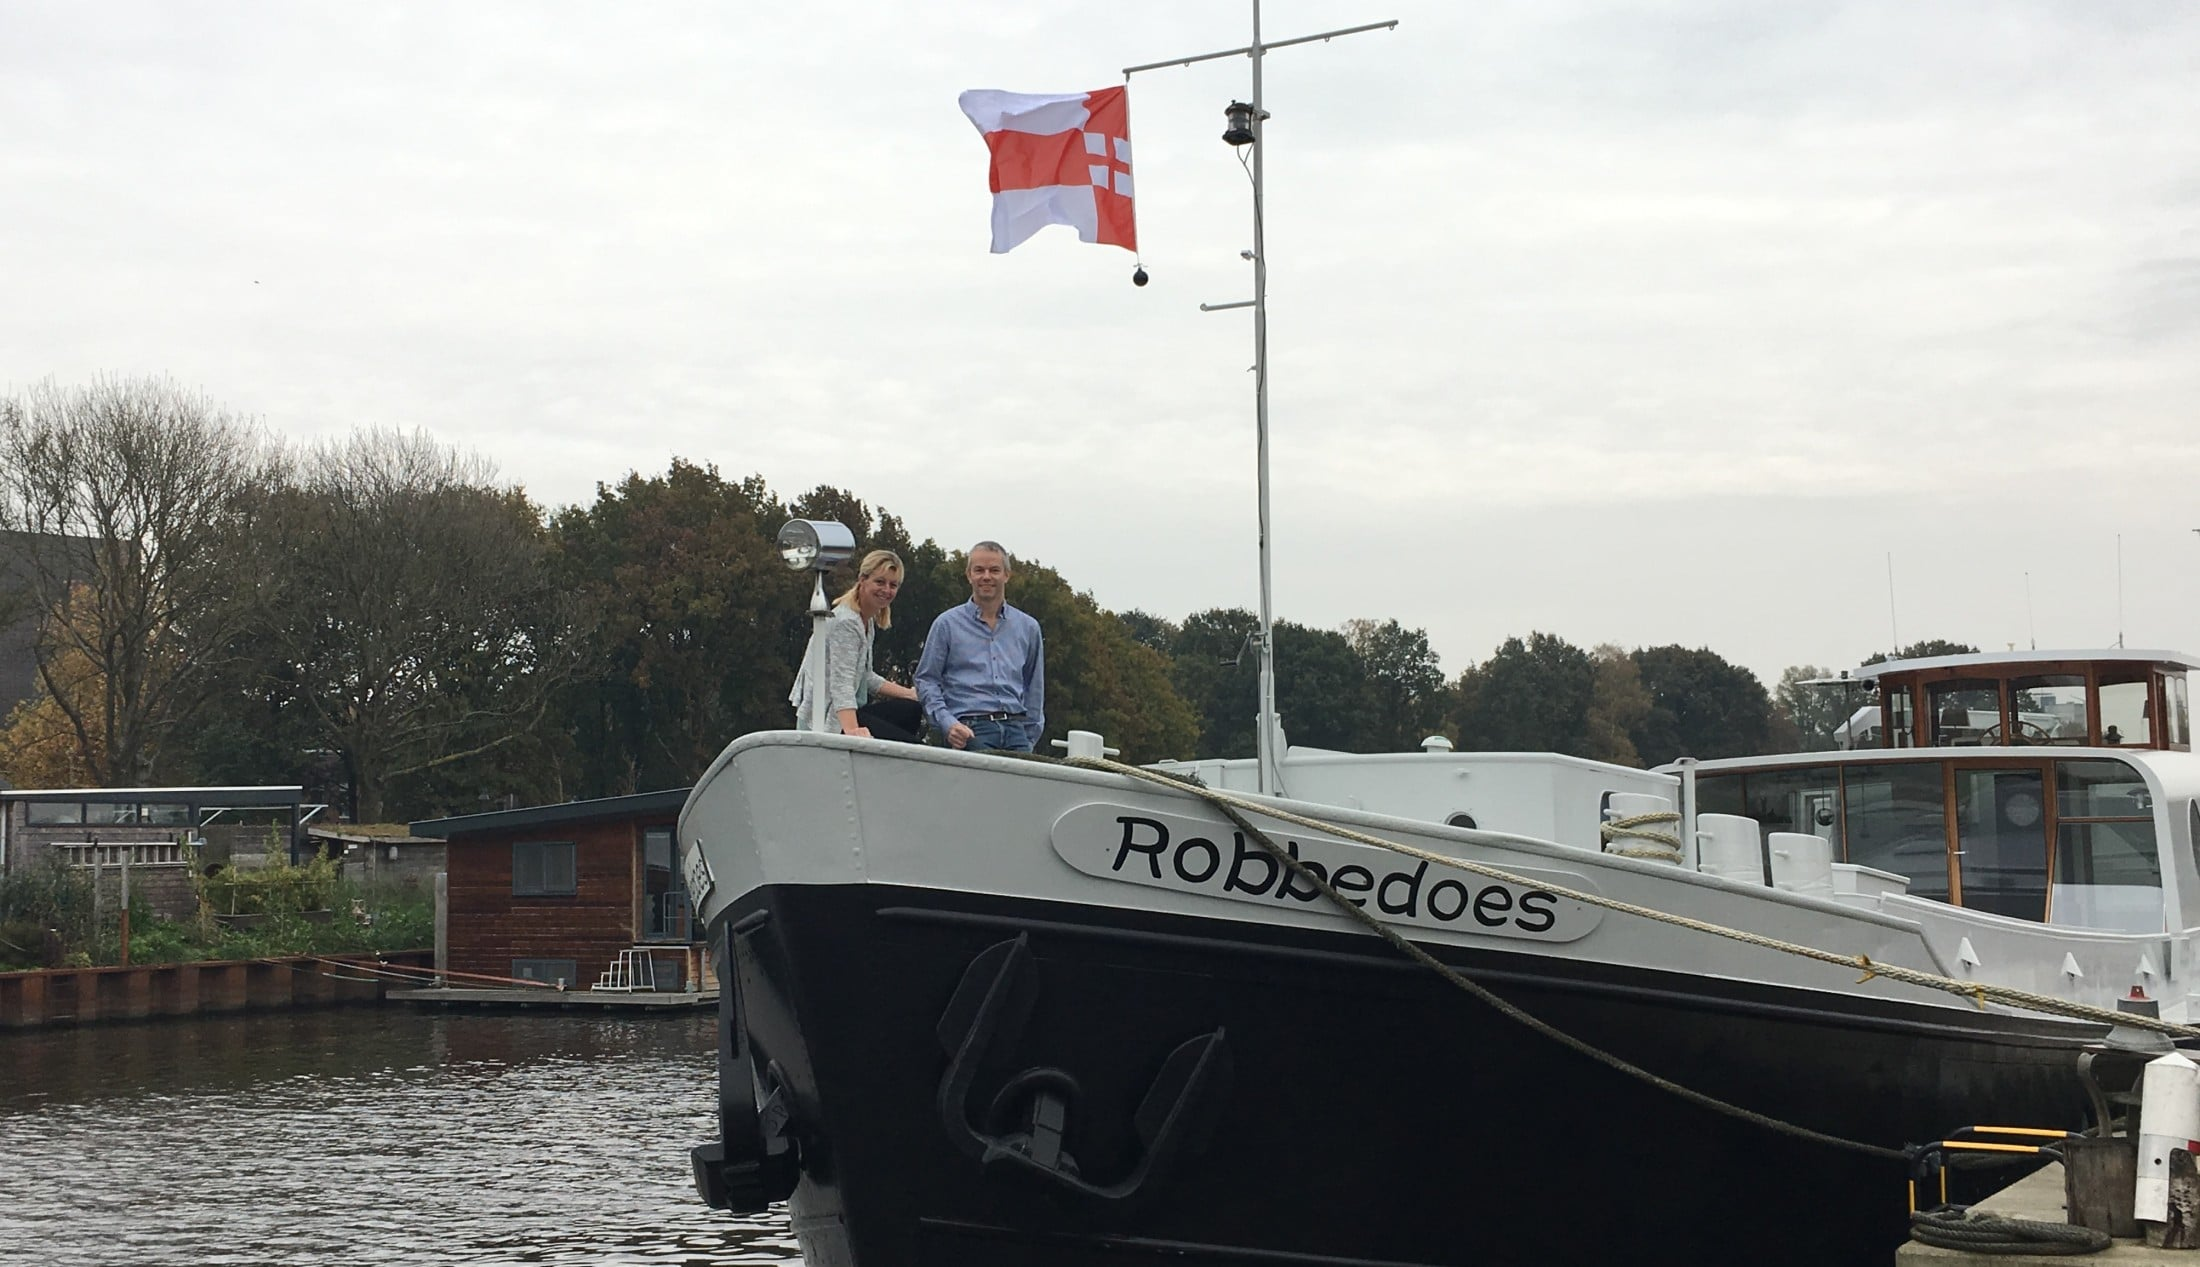 Wonen Op Woonboot : Binnenkijken bij de woonboot van wim en anneke wonen in regio